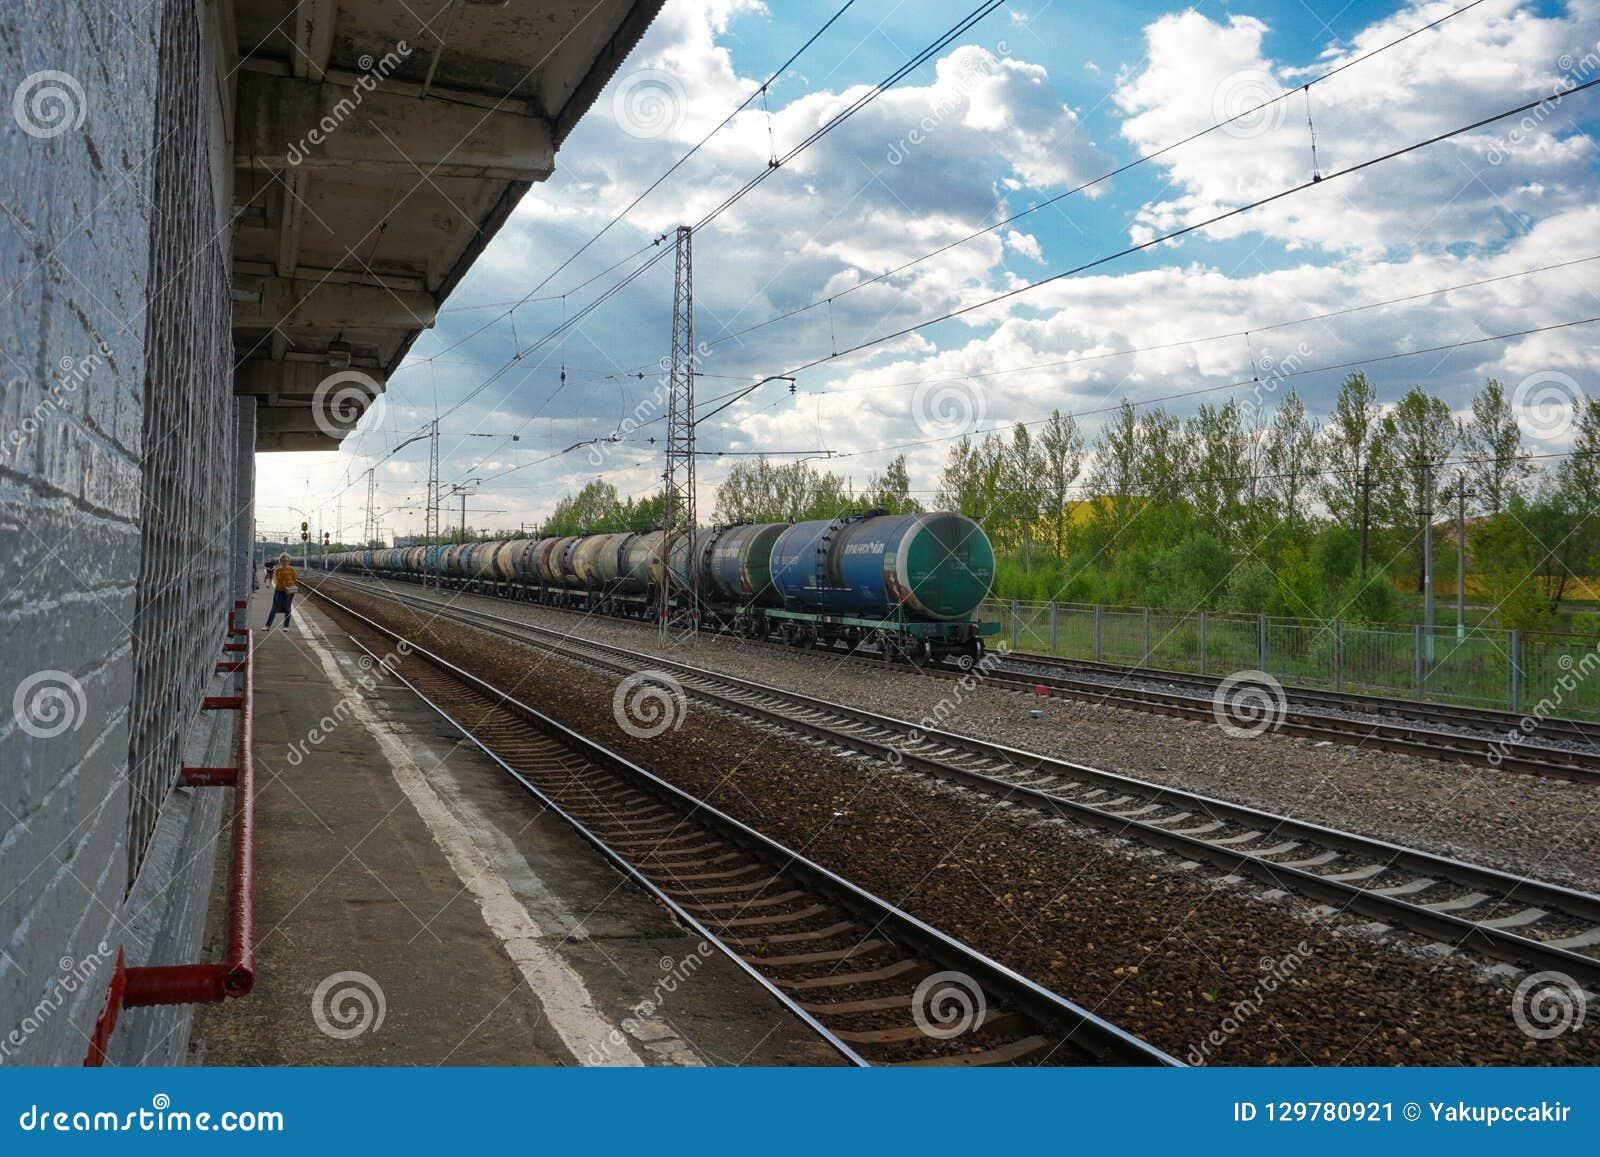 Moskau, Russland, nach Hause nach der Arbeit gehend vom Bahnhof und warten auf das folgende, Moskau-Stadtrände